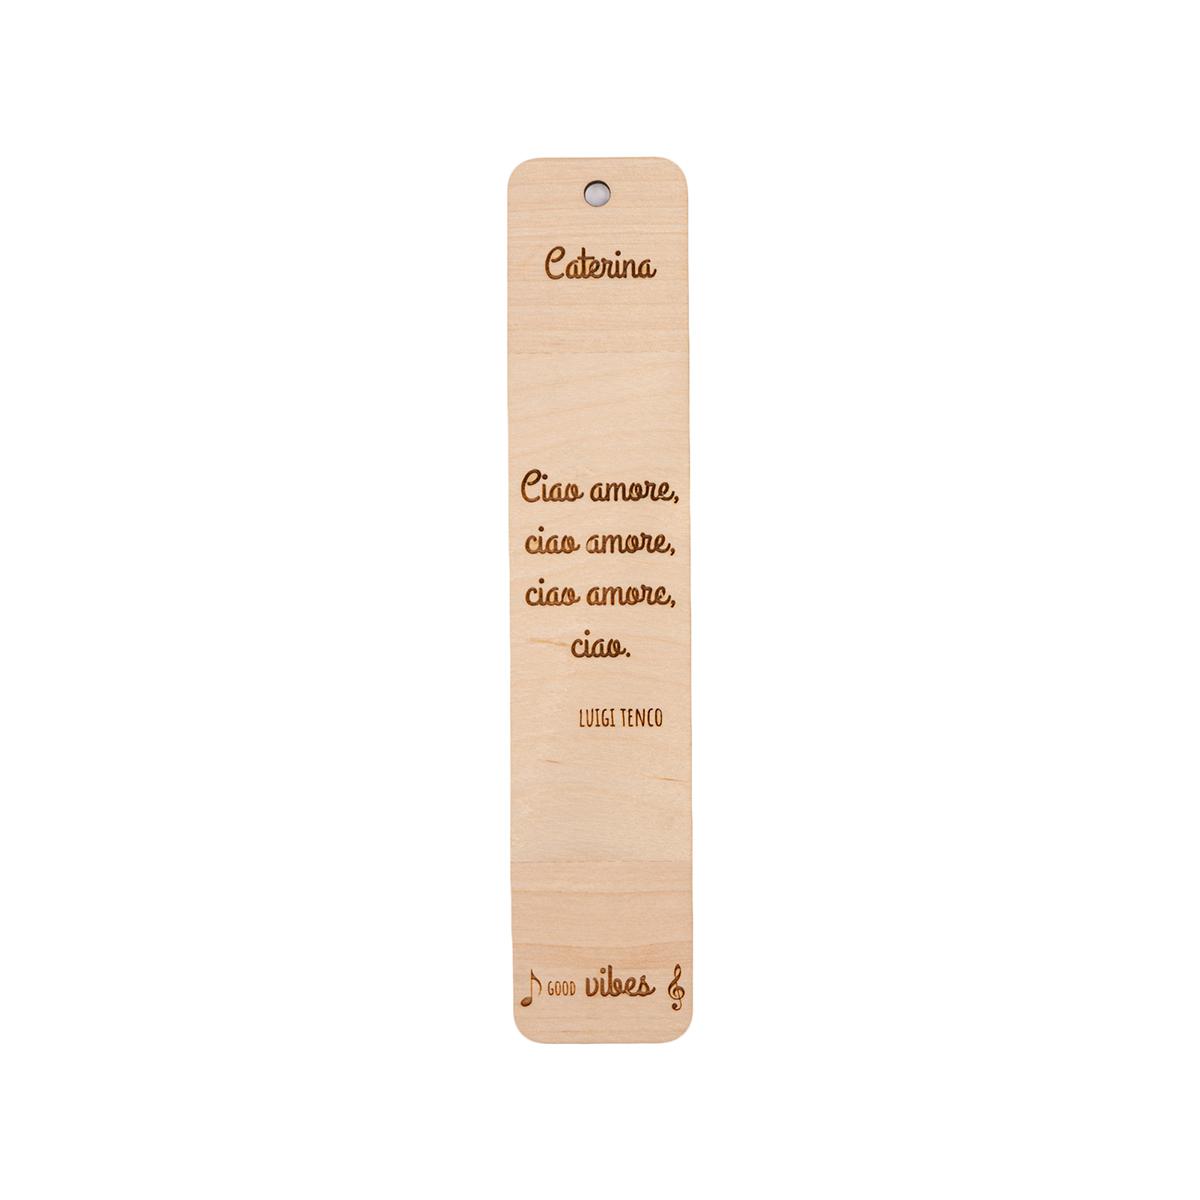 Segnalibro in legno personalizzabile con frase canzone famosa - Luigi Tenco